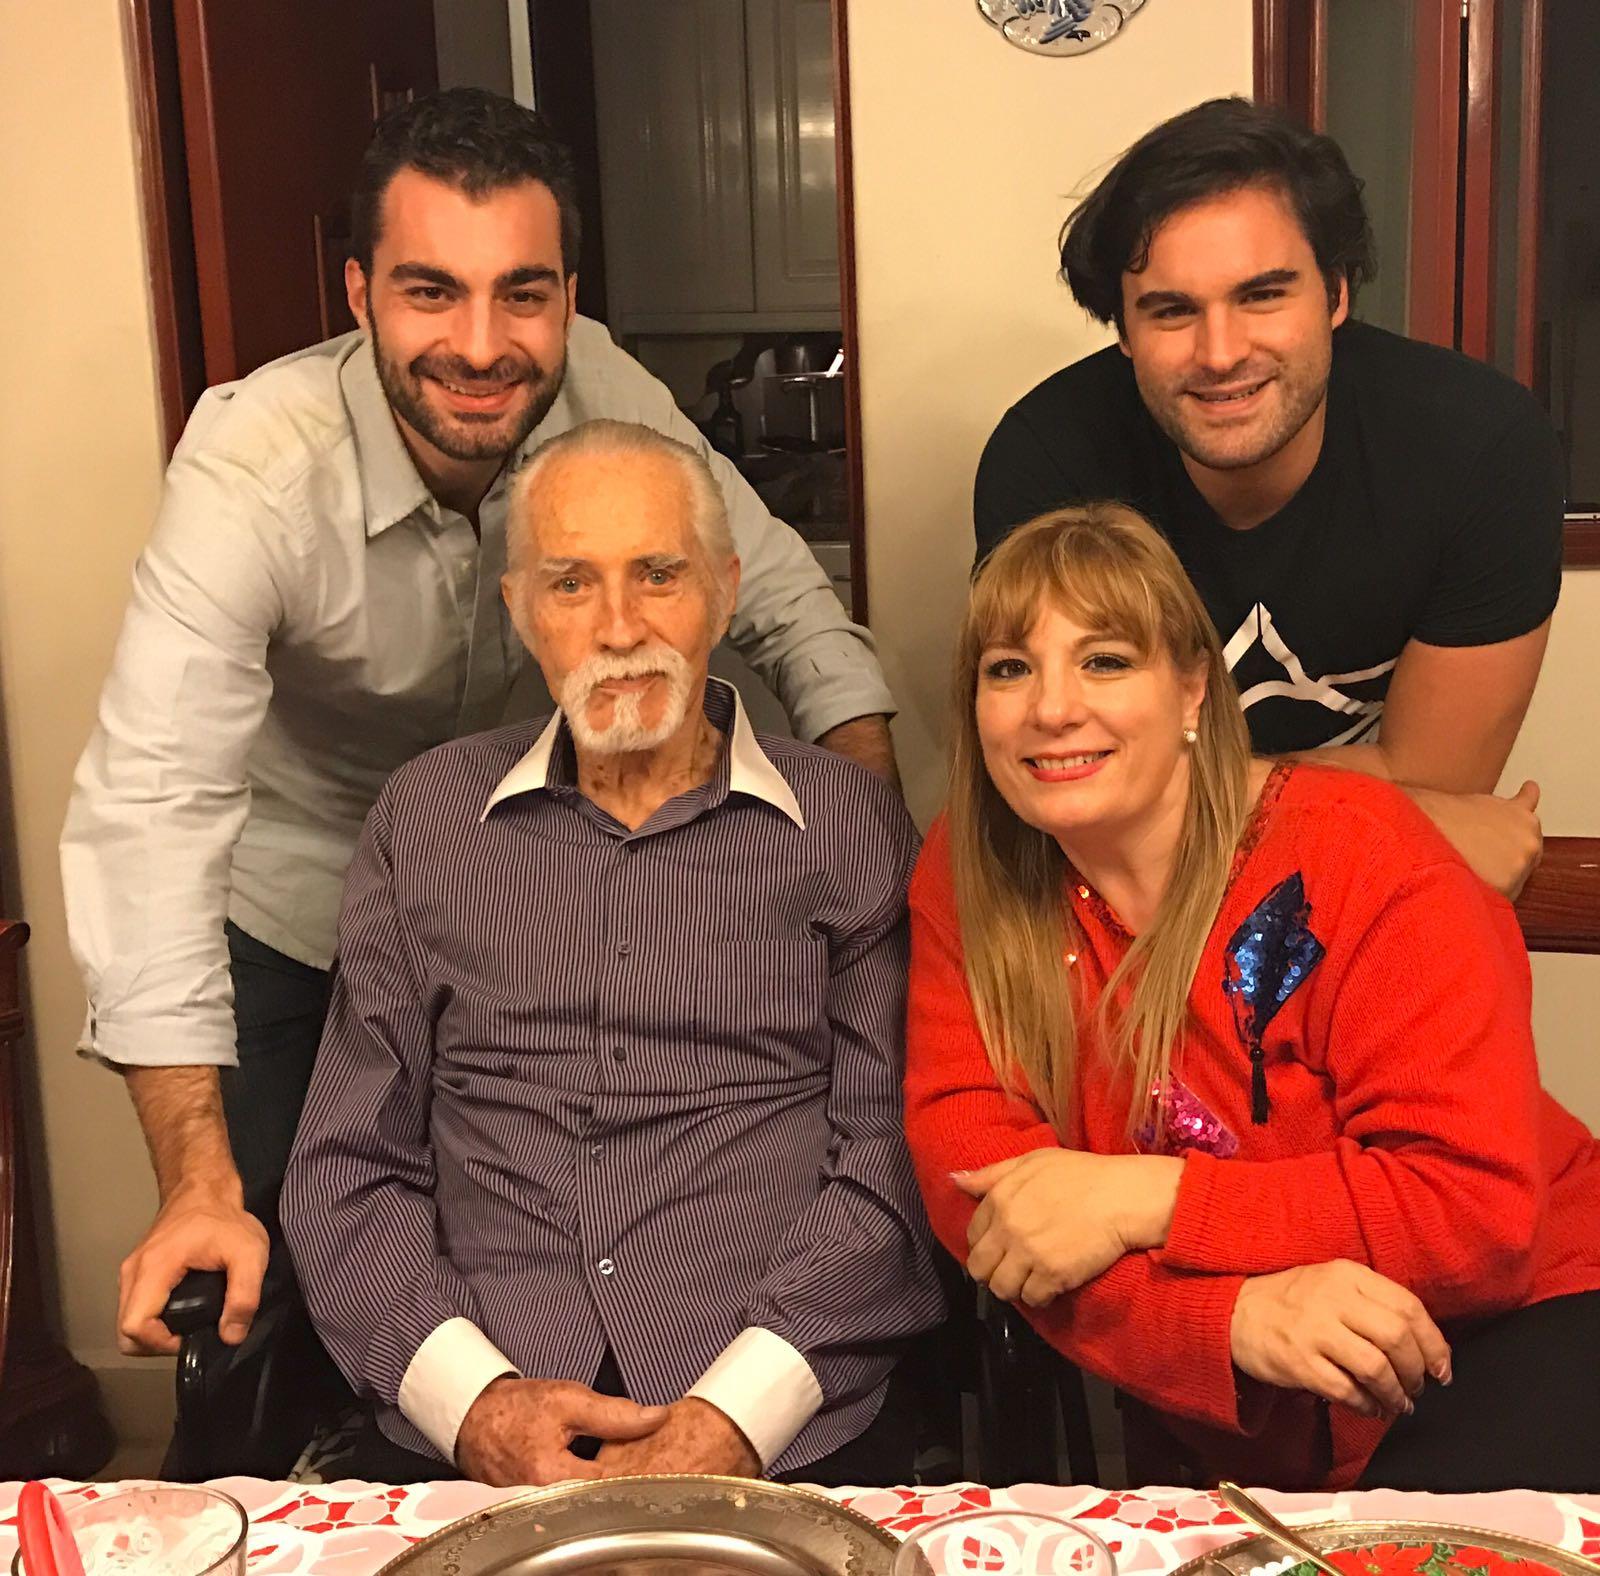 """La Familia De Rogelio Guerra: """"Ya Cerramos Con Rogelio En Vida, No Tenemos Temas Por Tocar"""